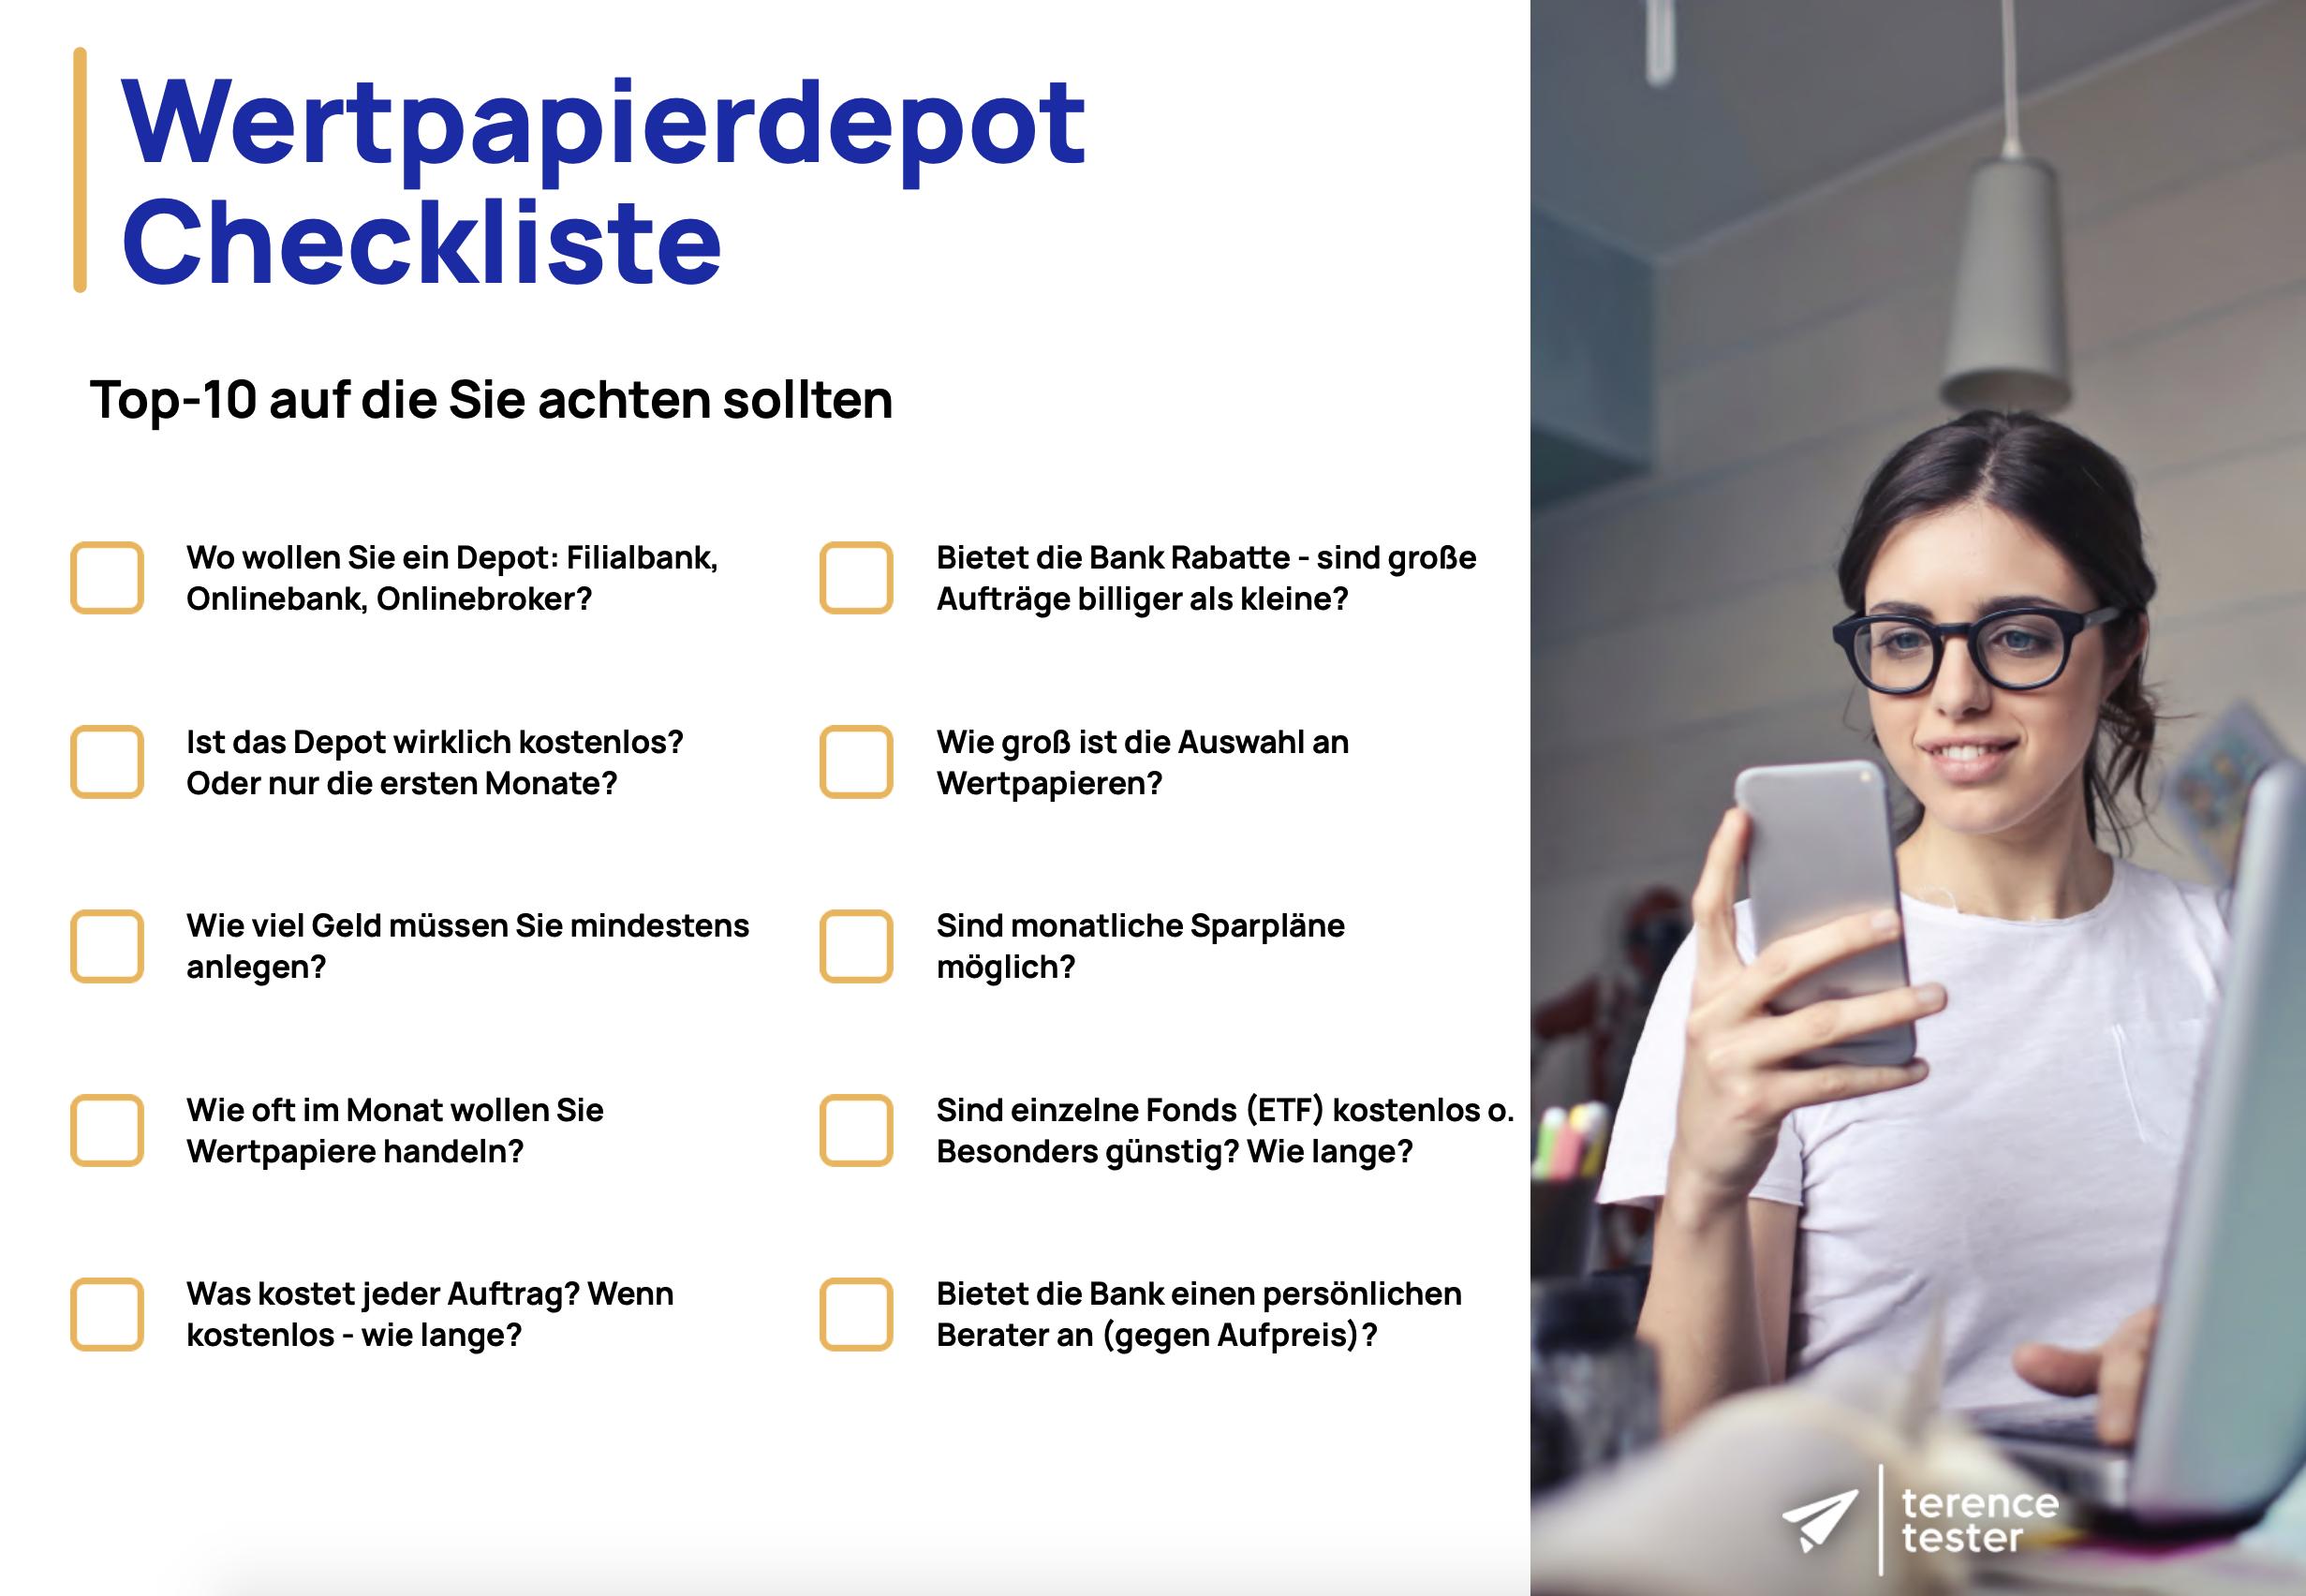 wertpapierdepot checkliste